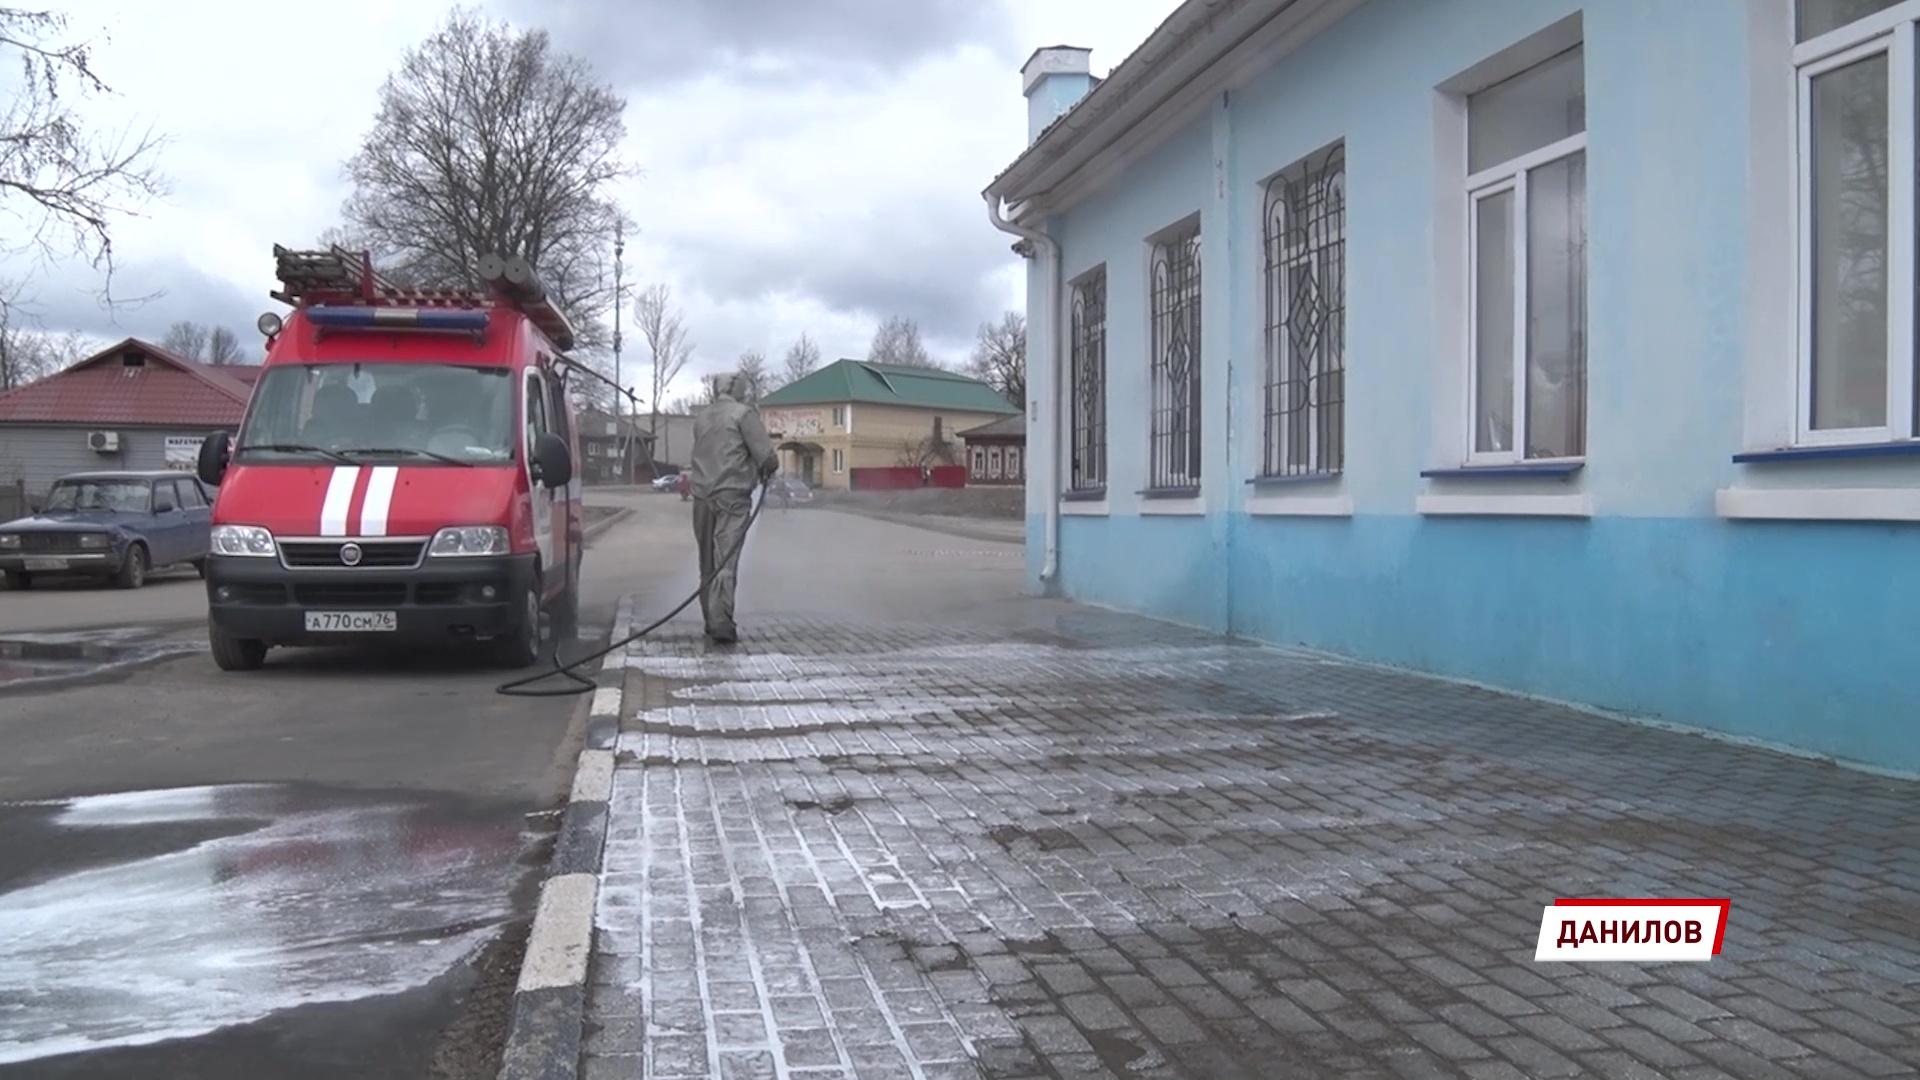 Сотрудники МЧС продолжают дезинфицировать вокзалы